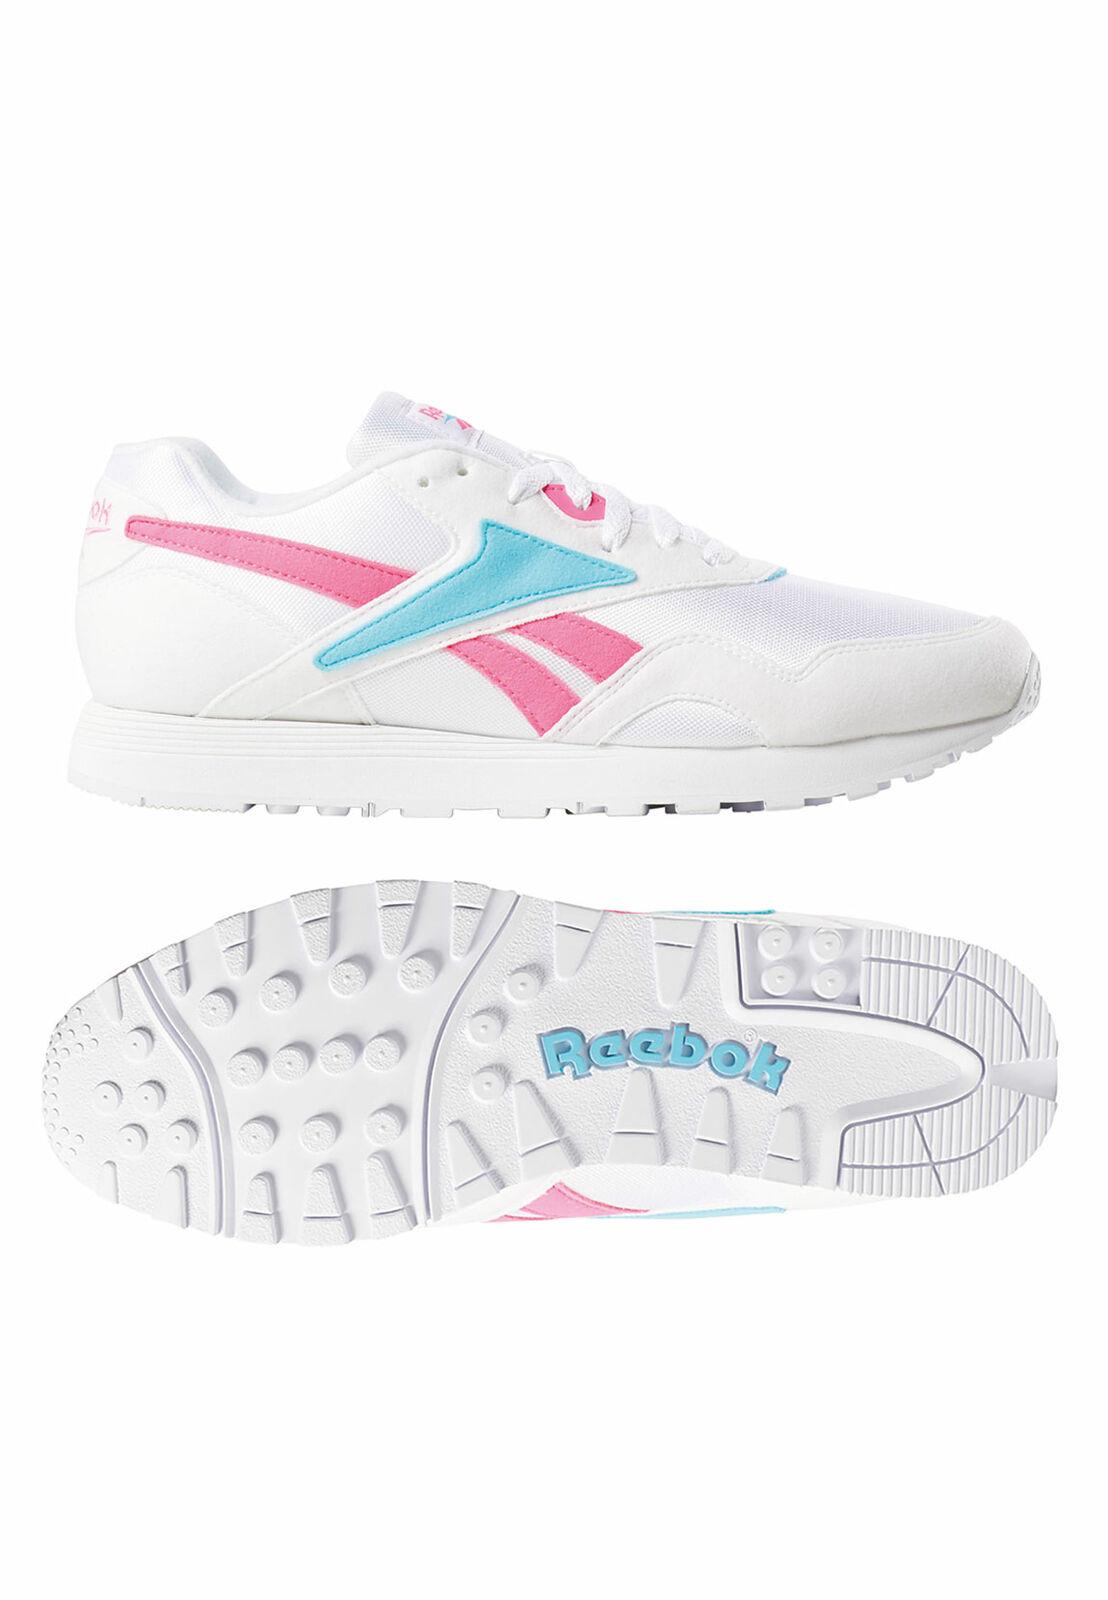 Reebok Sneaker RAPIDE MU DV3808 Mehrfarbig Wht Solar Pink Neon bluee